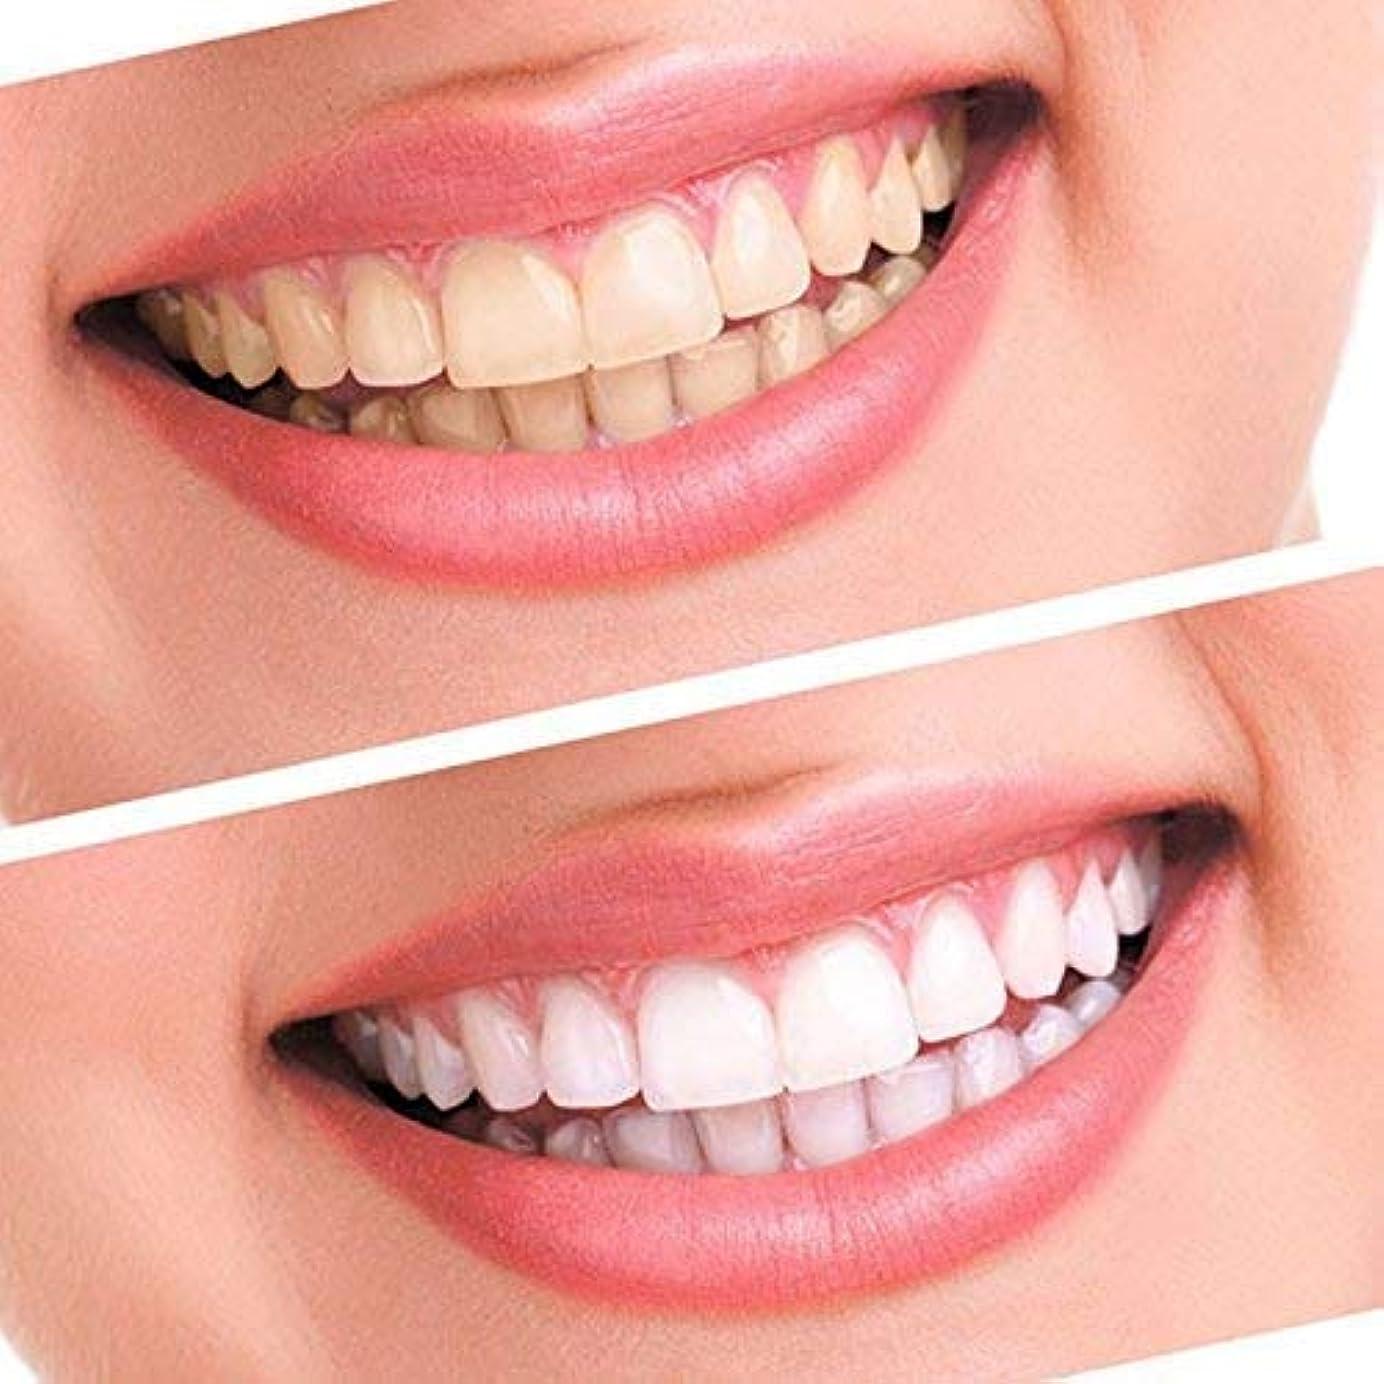 ベスビオ山補充統合ゲルホワイトニング歯10シリンジ